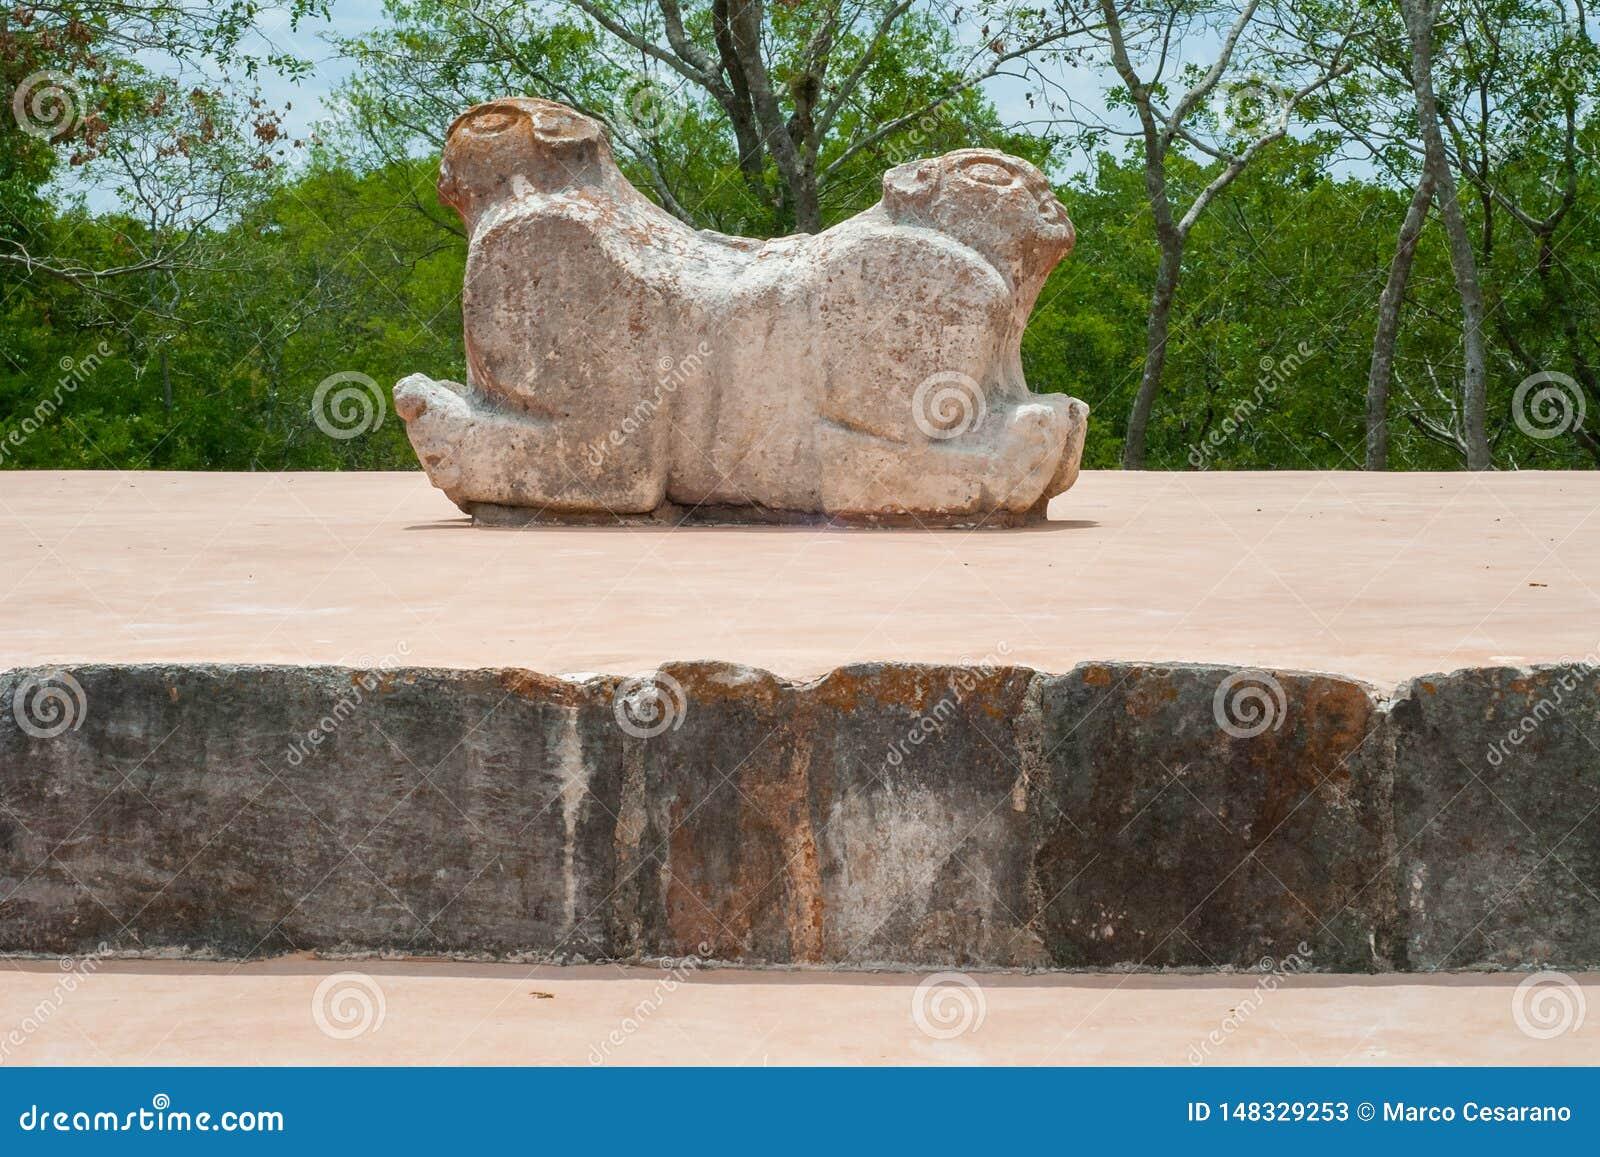 Oud Mayan standbeeld, dat een jaguar met twee hoofden symboliseert